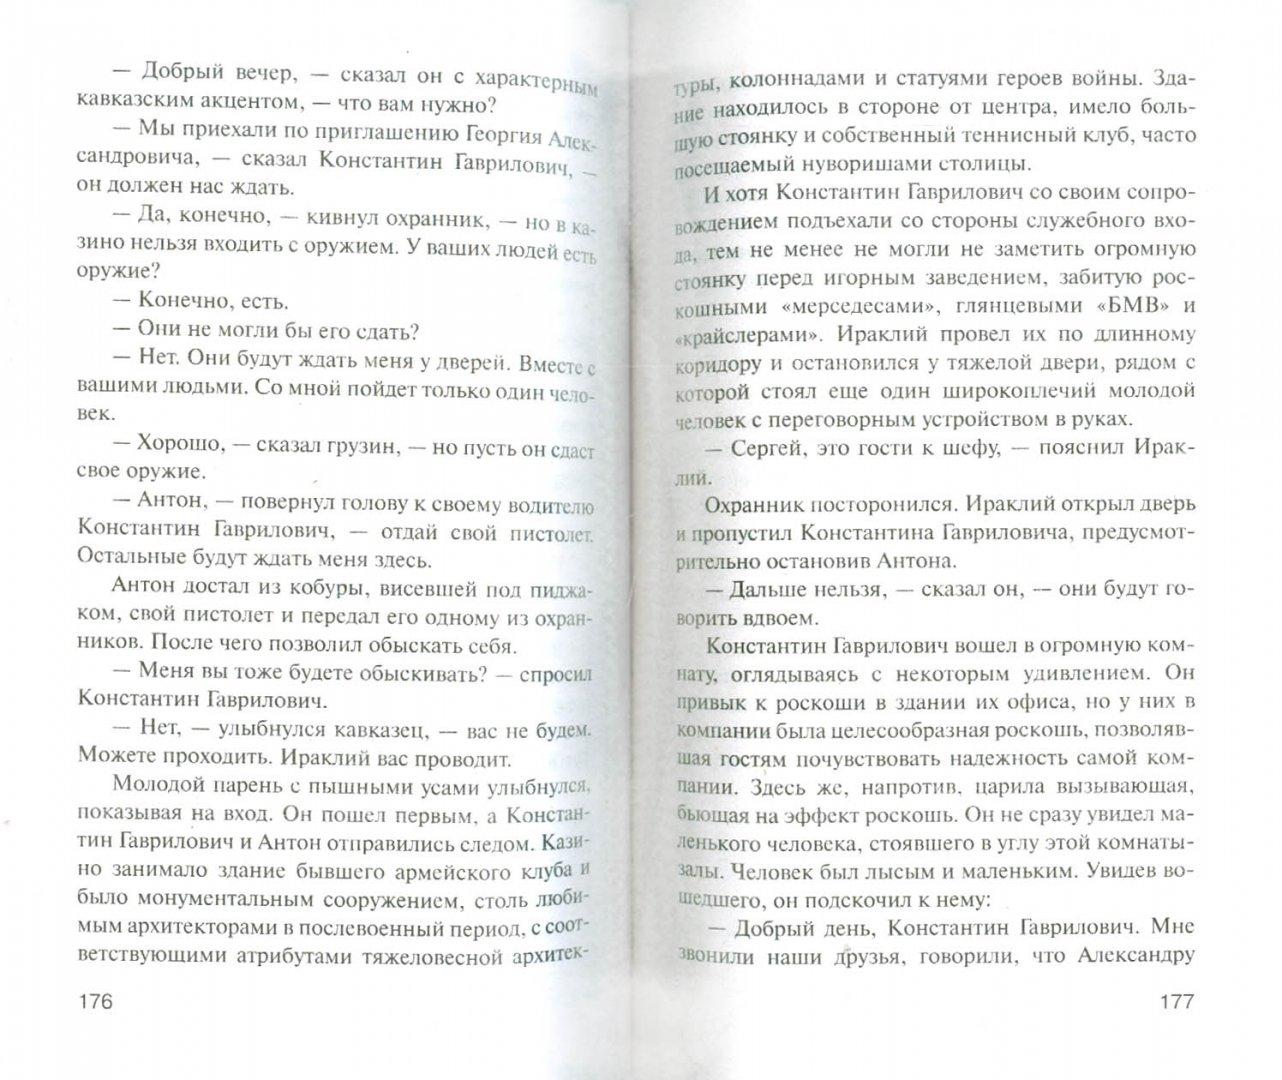 Иллюстрация 1 из 7 для Зеркало вампиров - Чингиз Абдуллаев | Лабиринт - книги. Источник: Лабиринт